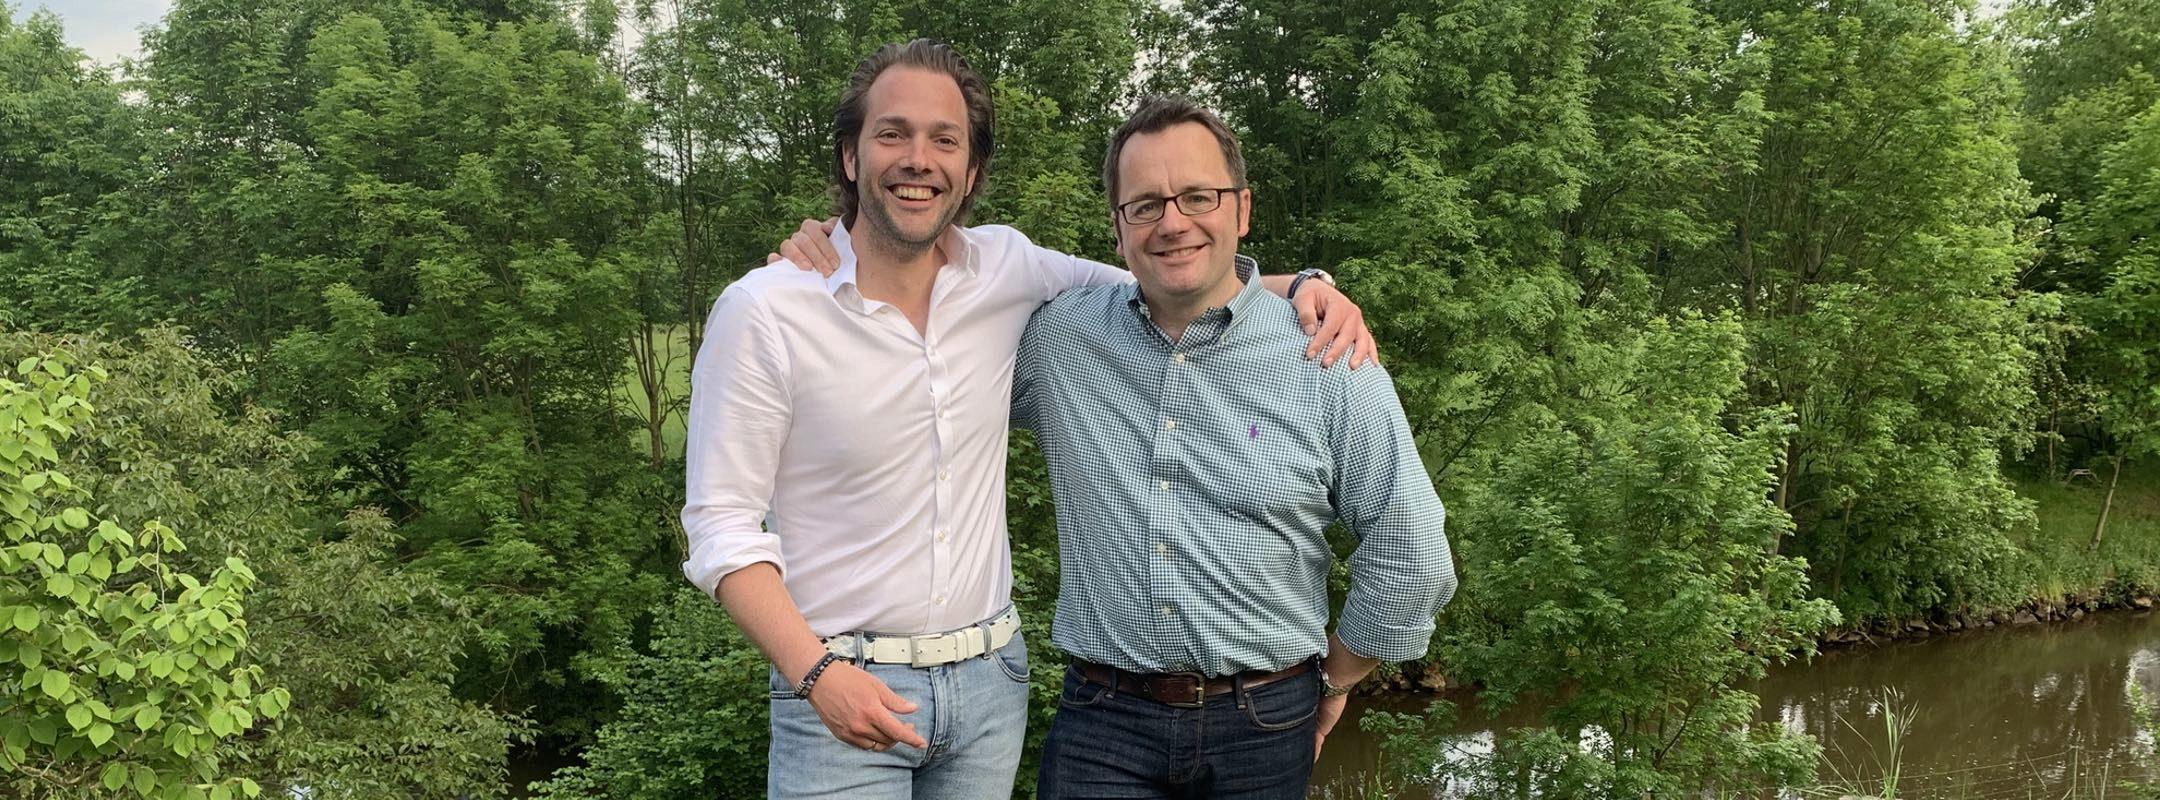 Dr. Marius Boewe und Dr. Marcel Nuys - Partner bei Herbert Smith Freehills